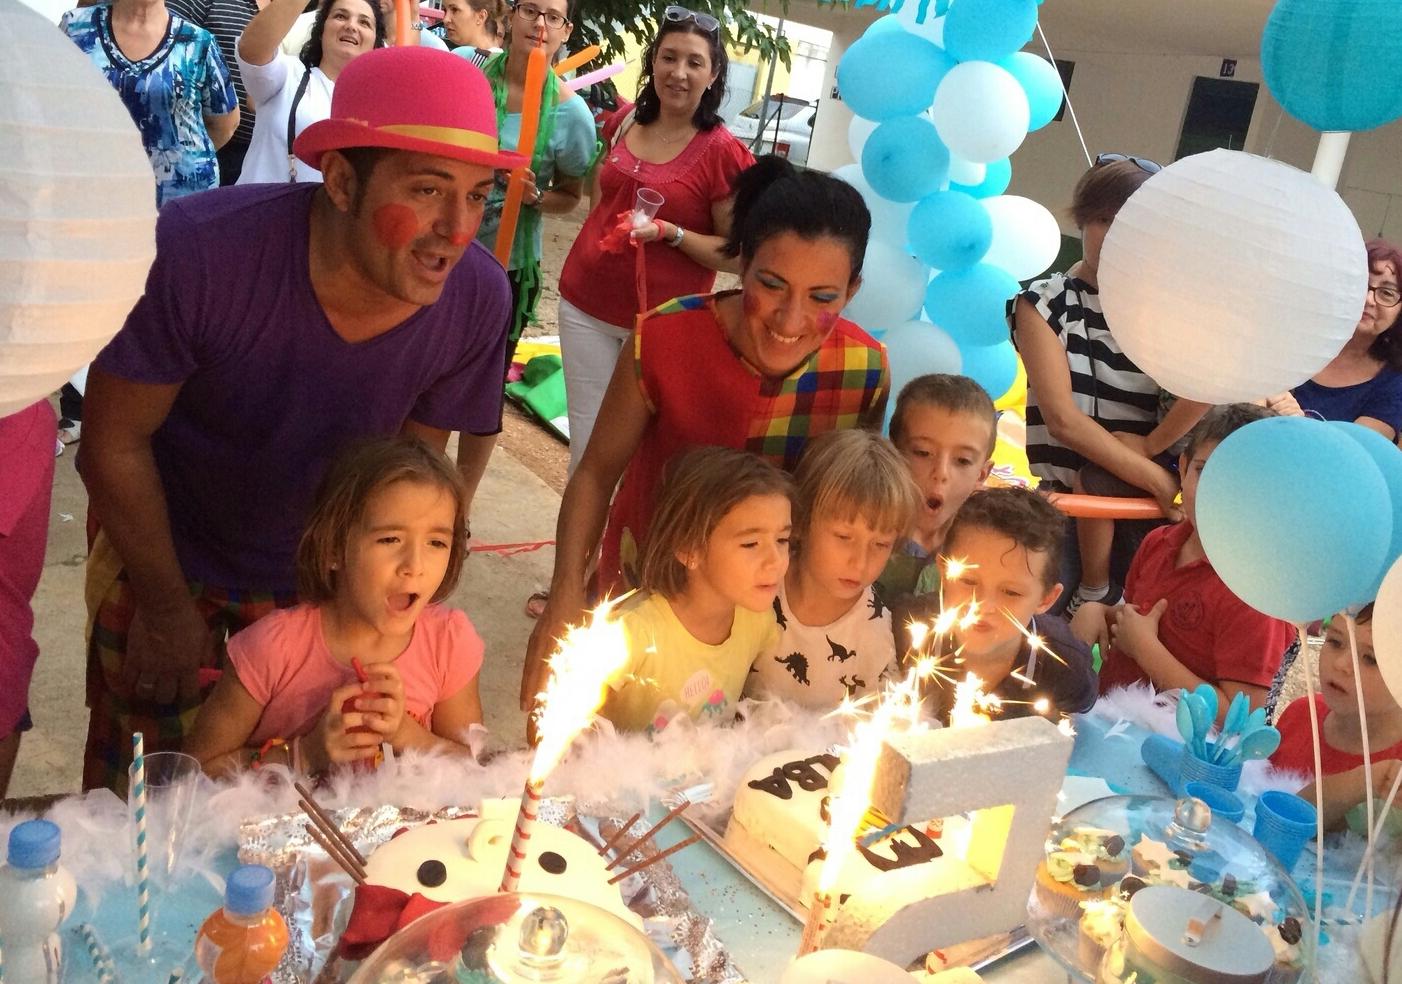 Celebración de eventos y cumpleaños: Nuestros servicios de Gran Piruleto Park